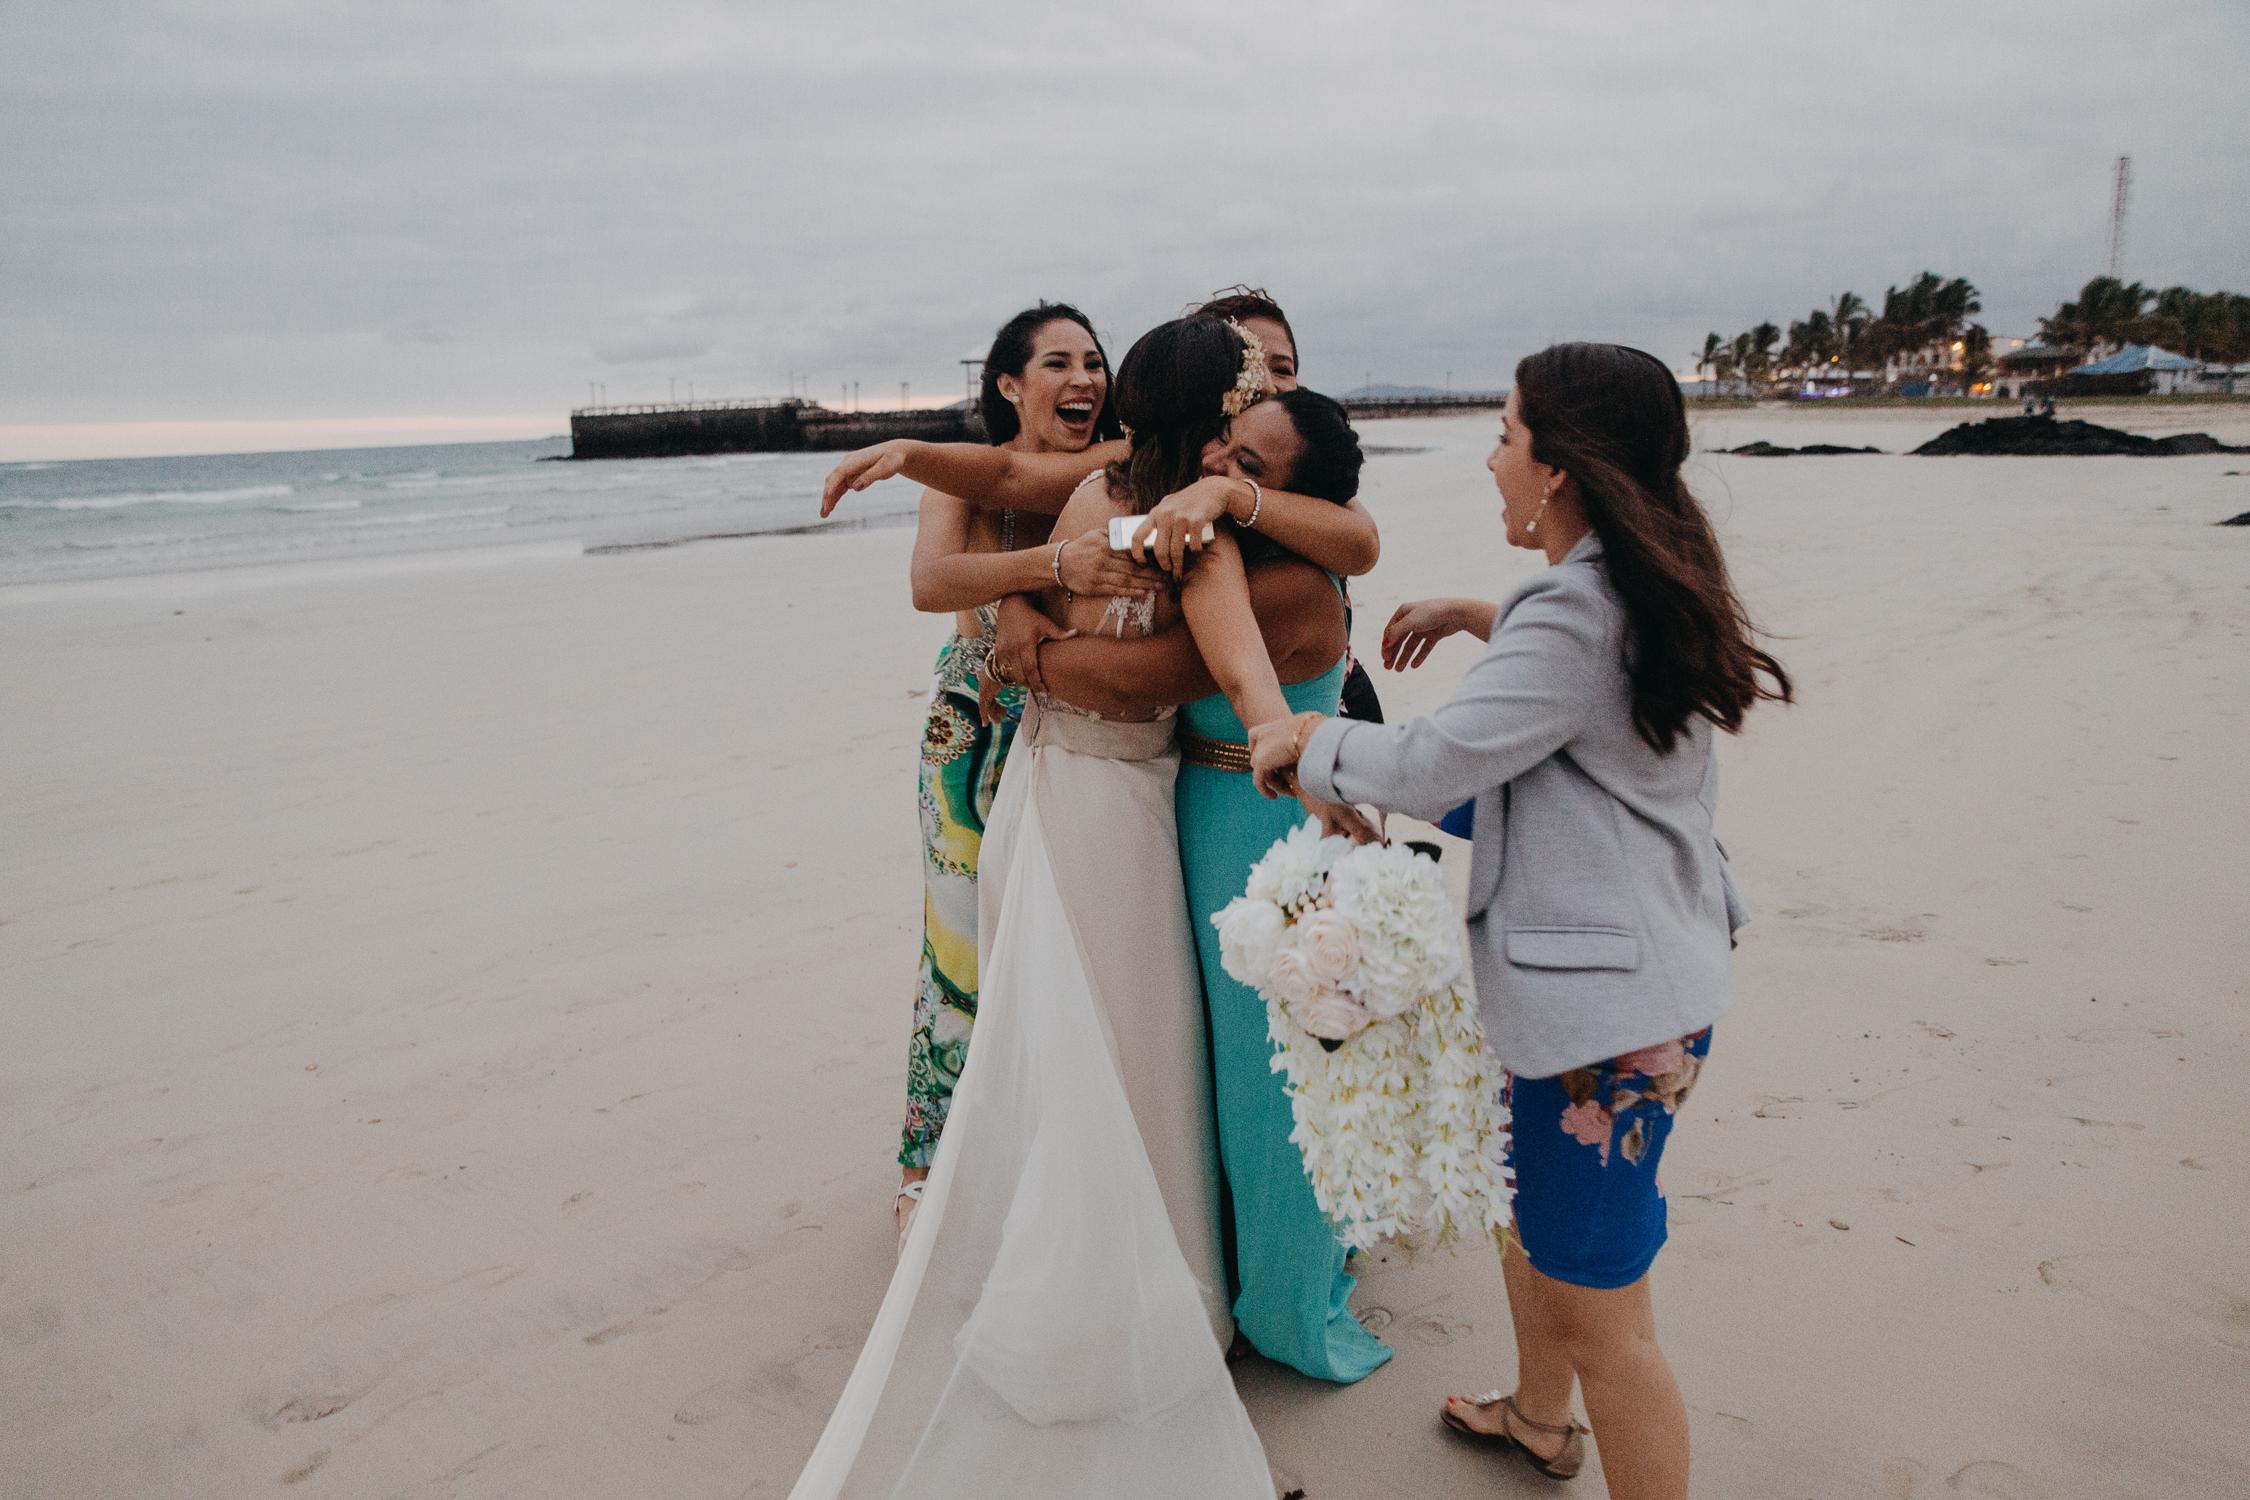 Michelle-Agurto-Fotografia-Bodas-Ecuador-Destination-Wedding-Photographer-Galapagos-Andrea-Joaquin-274.JPG